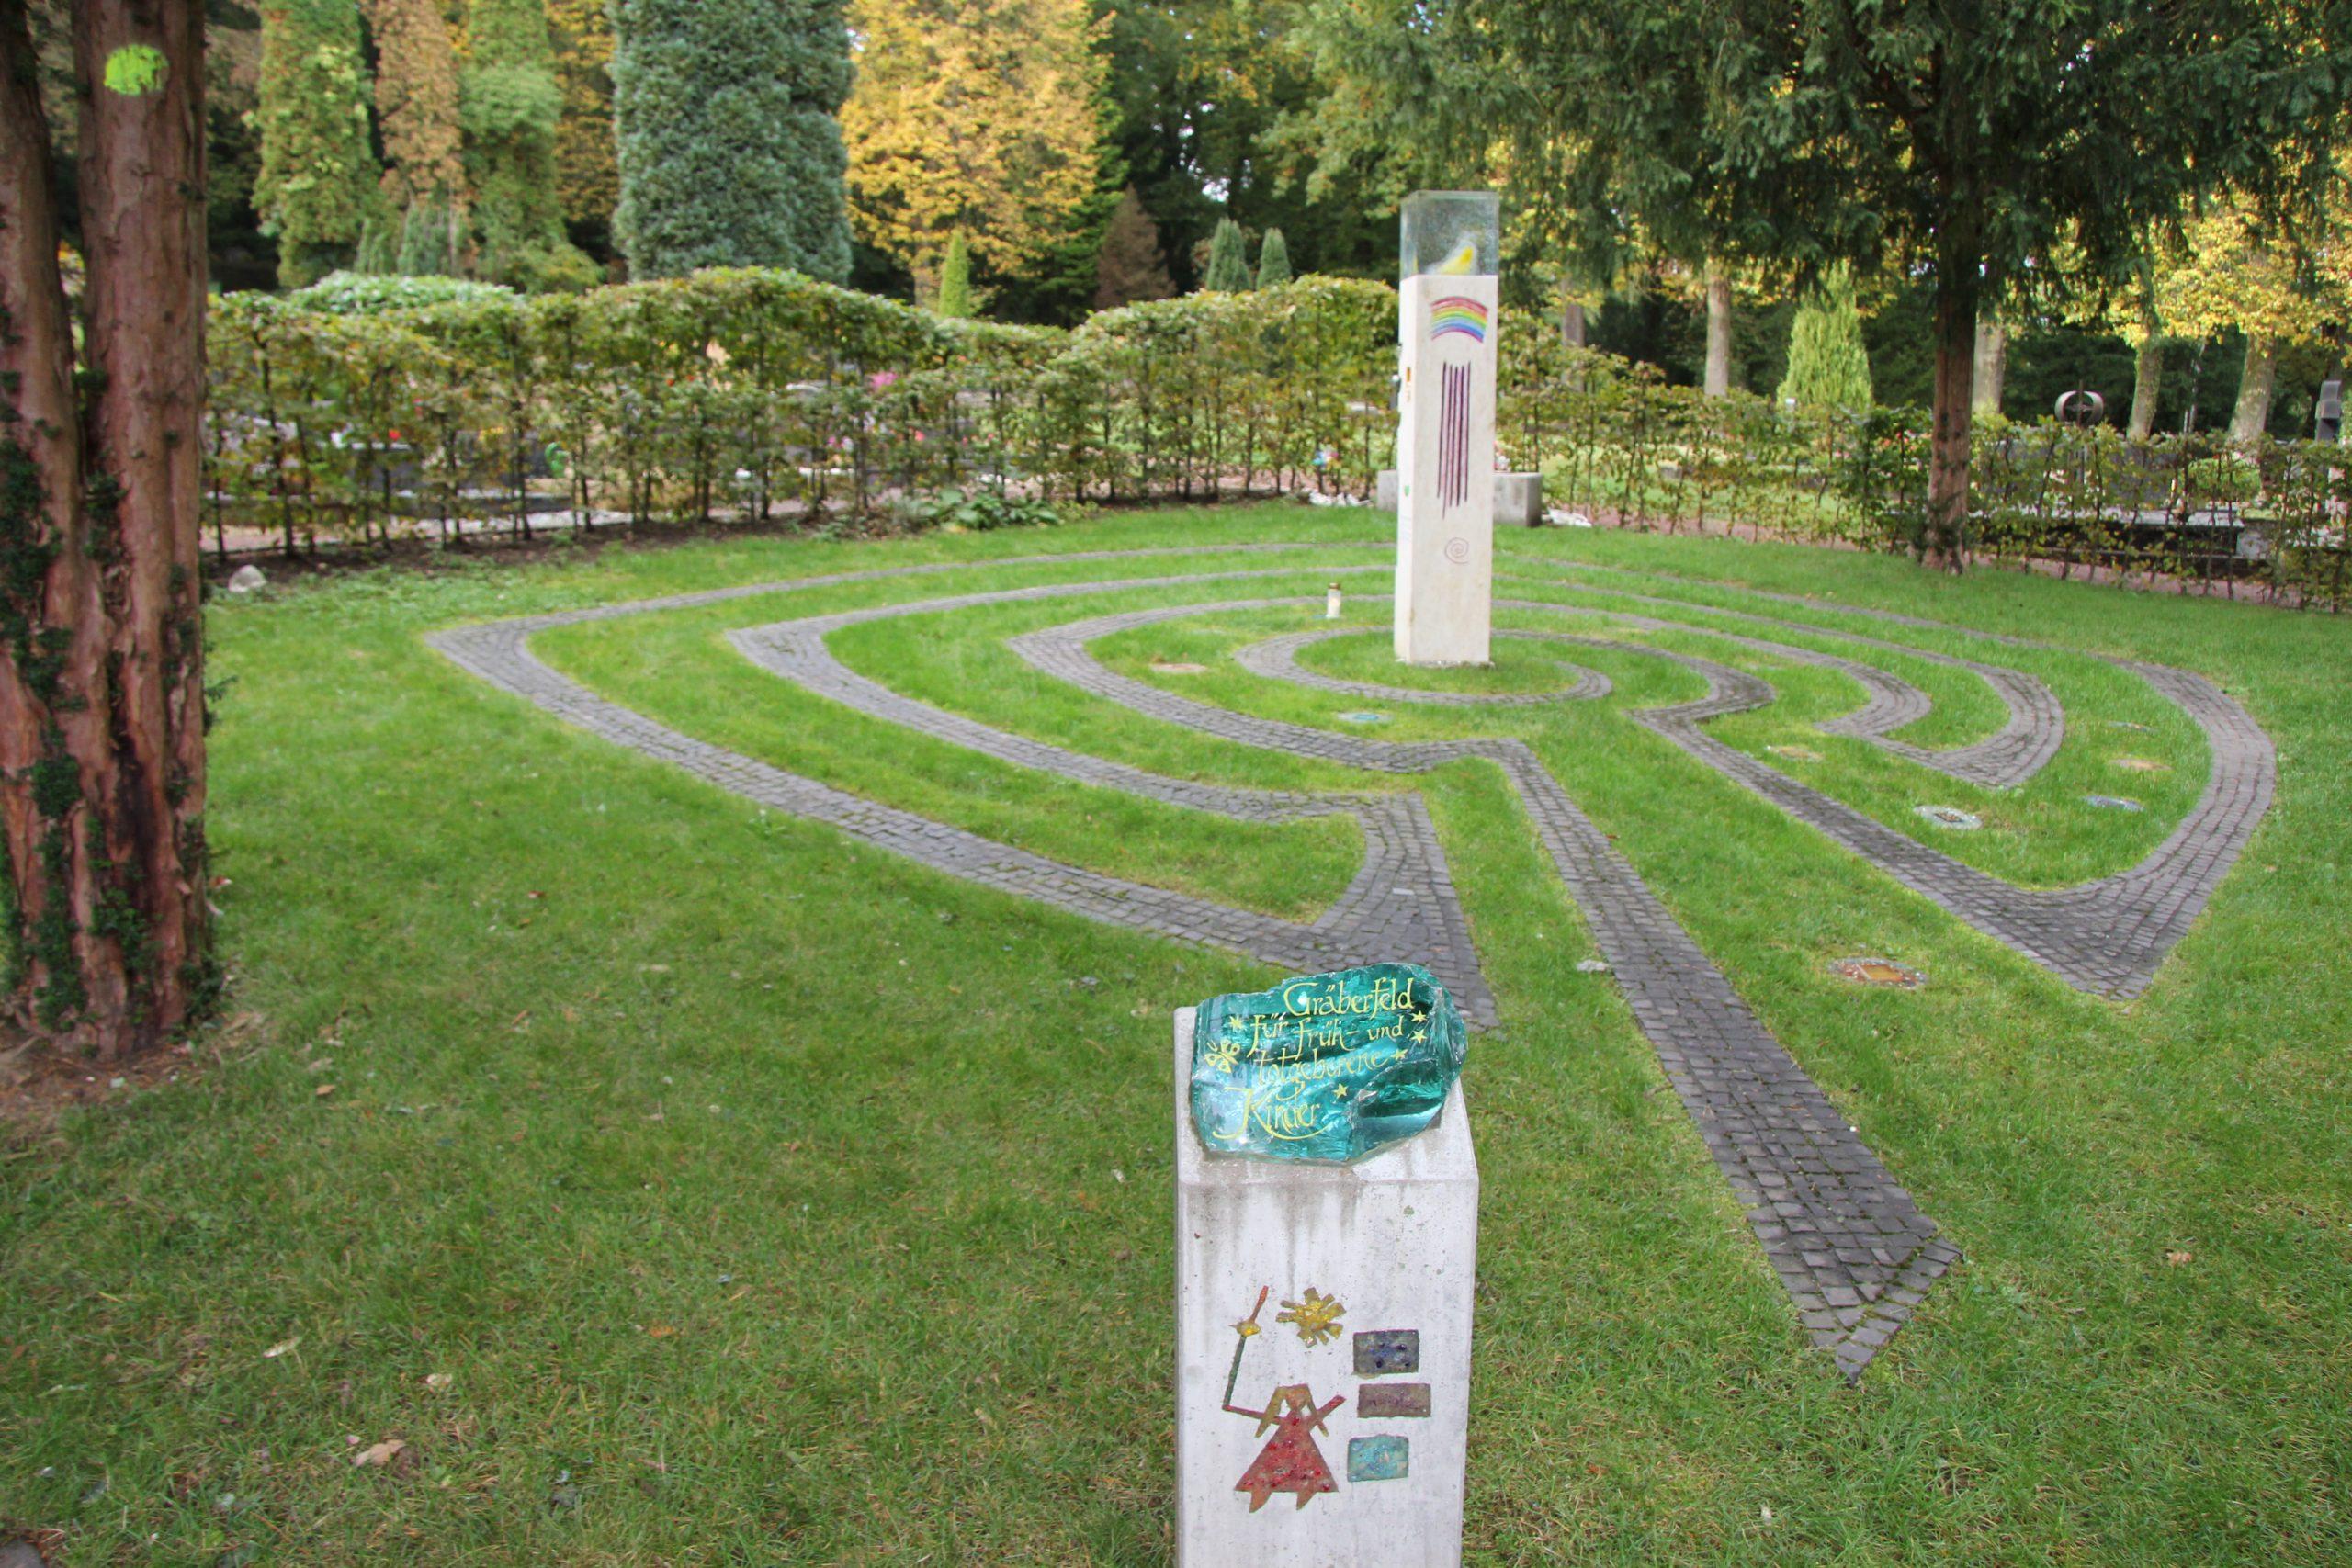 Erneuerung der Rasenfläche des Sternenfeldes auf dem Friedhof Neue Welt